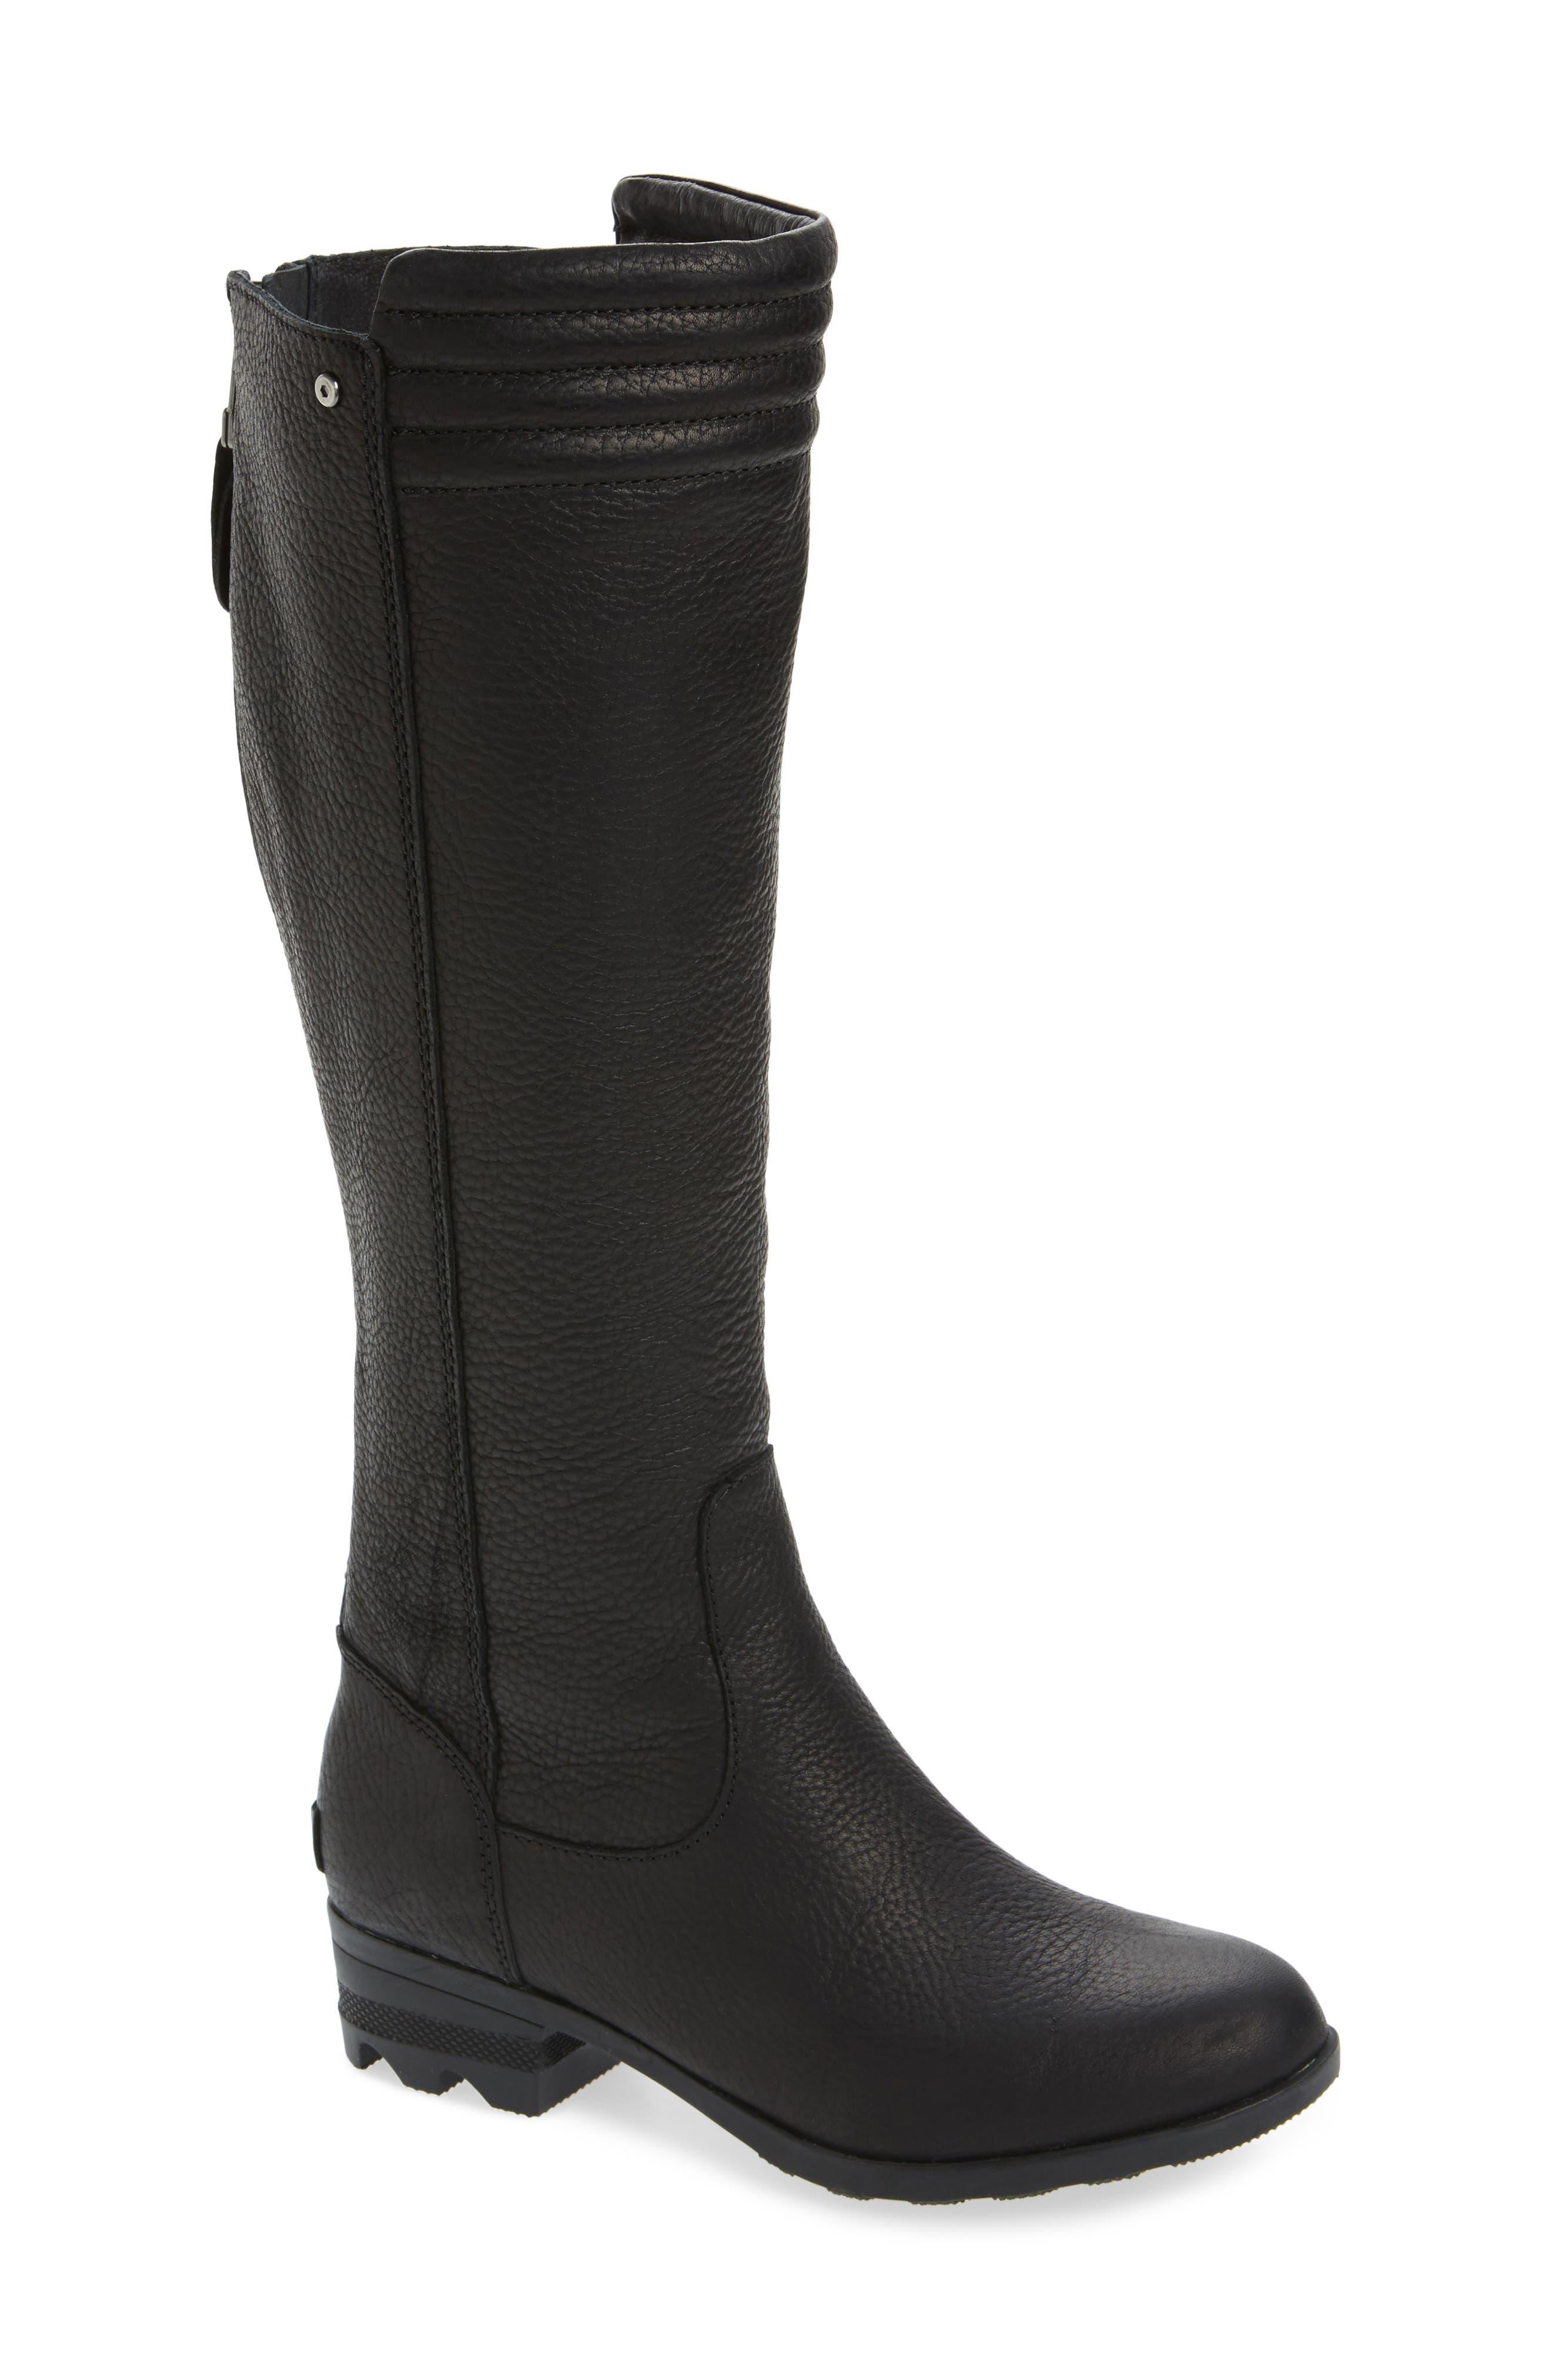 Danica Waterproof Knee High Boot,                             Main thumbnail 1, color,                             010